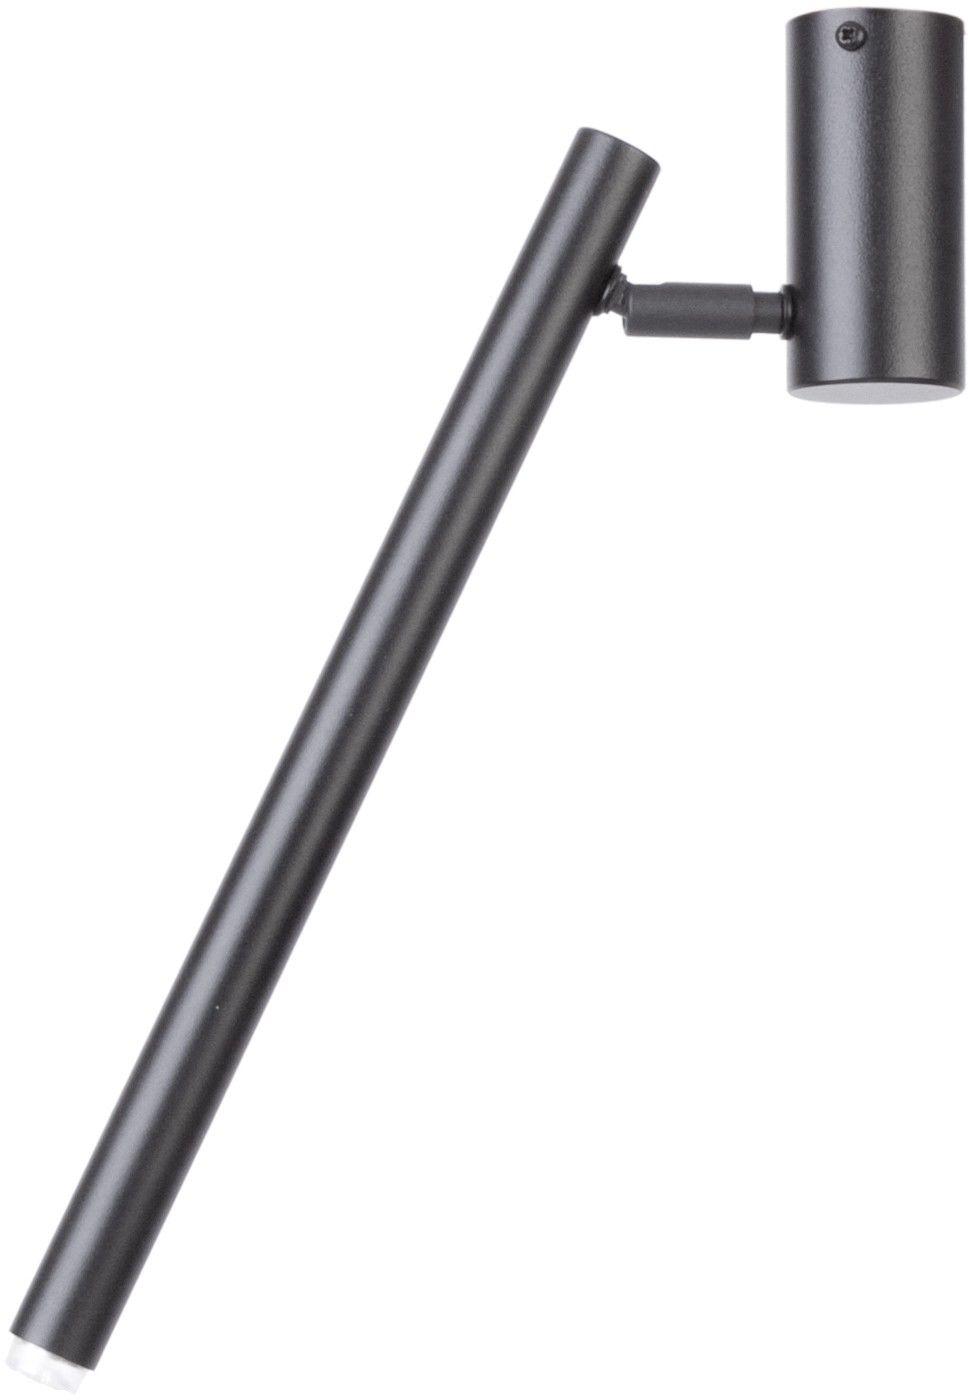 Lampa sufitowa SOPEL 1 PL długi czarny 33165 - Sigma Do -17% rabatu w koszyku i darmowa dostawa od 299zł !